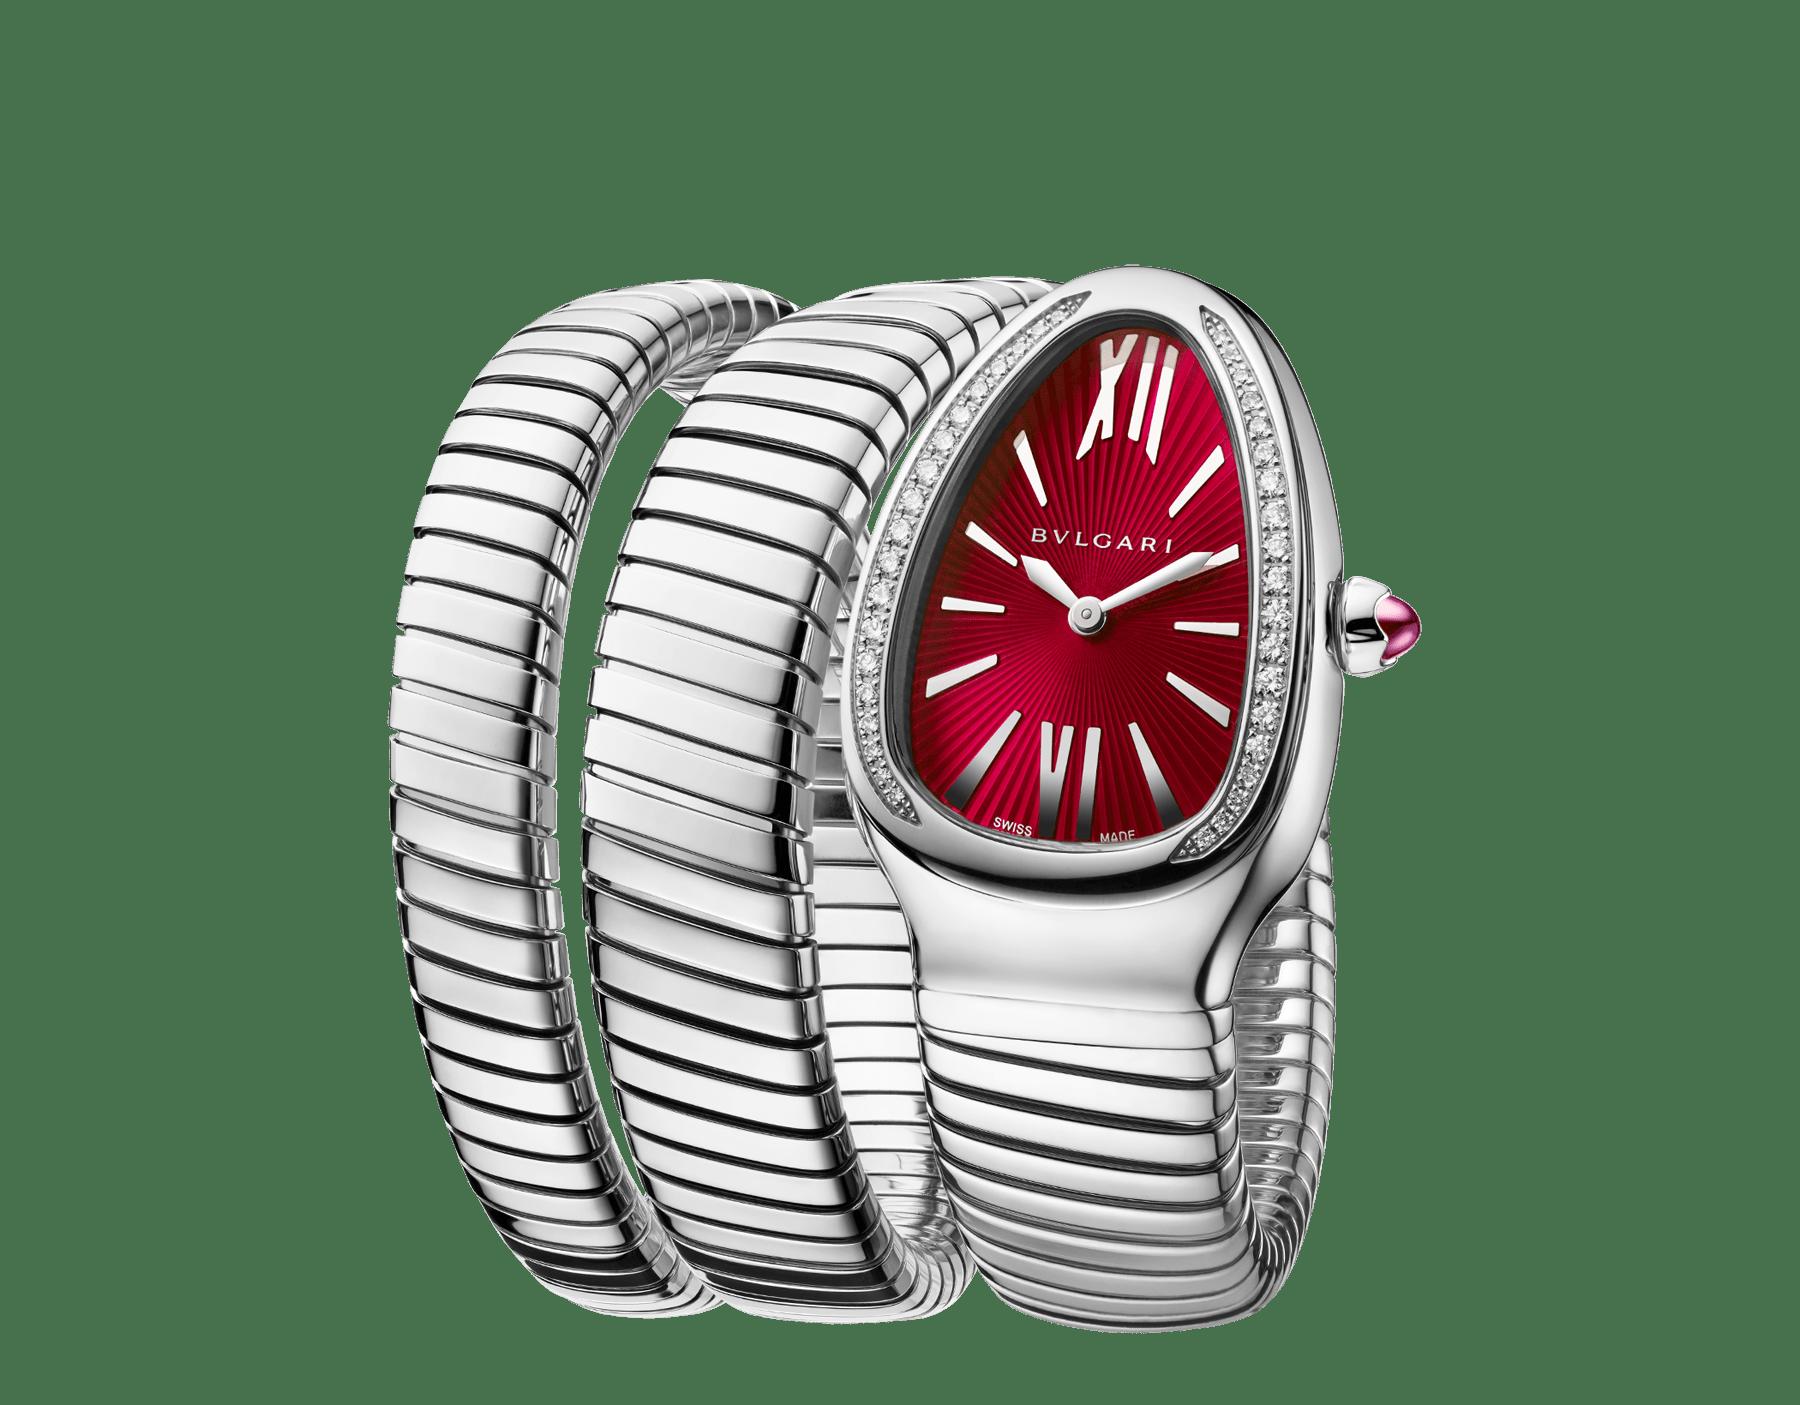 Orologio Serpenti Tubogas con cassa in acciaio inossidabile con diamanti taglio brillante, quadrante laccato rosso e bracciale a doppia spirale in acciaio inossidabile. 102682 image 2